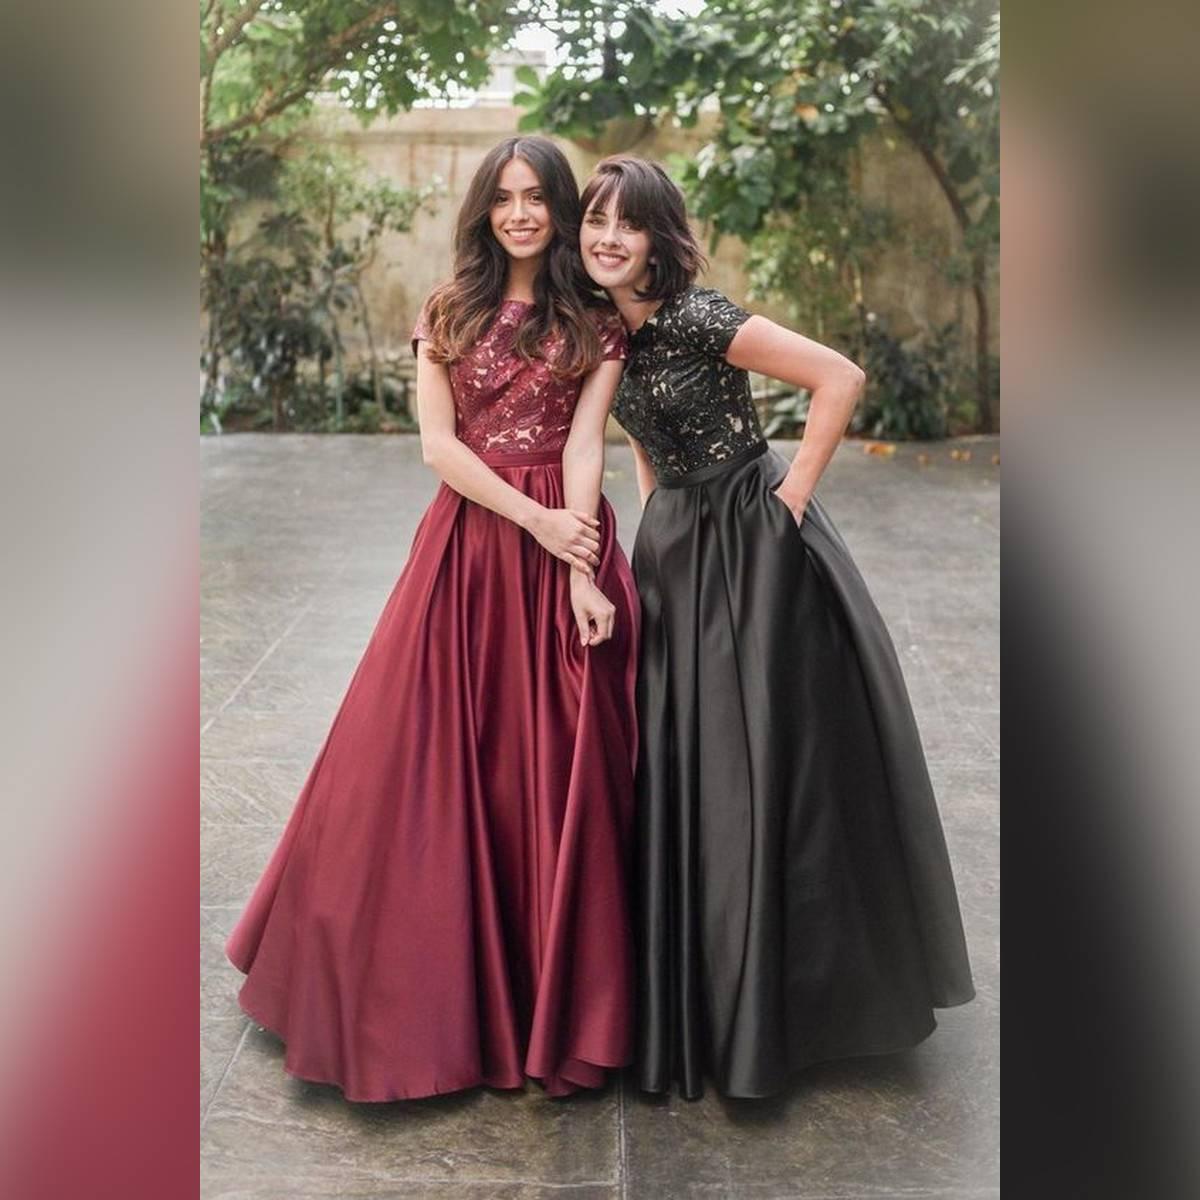 Pack of 2 Black & Maroon Satin Long Skirt for Women